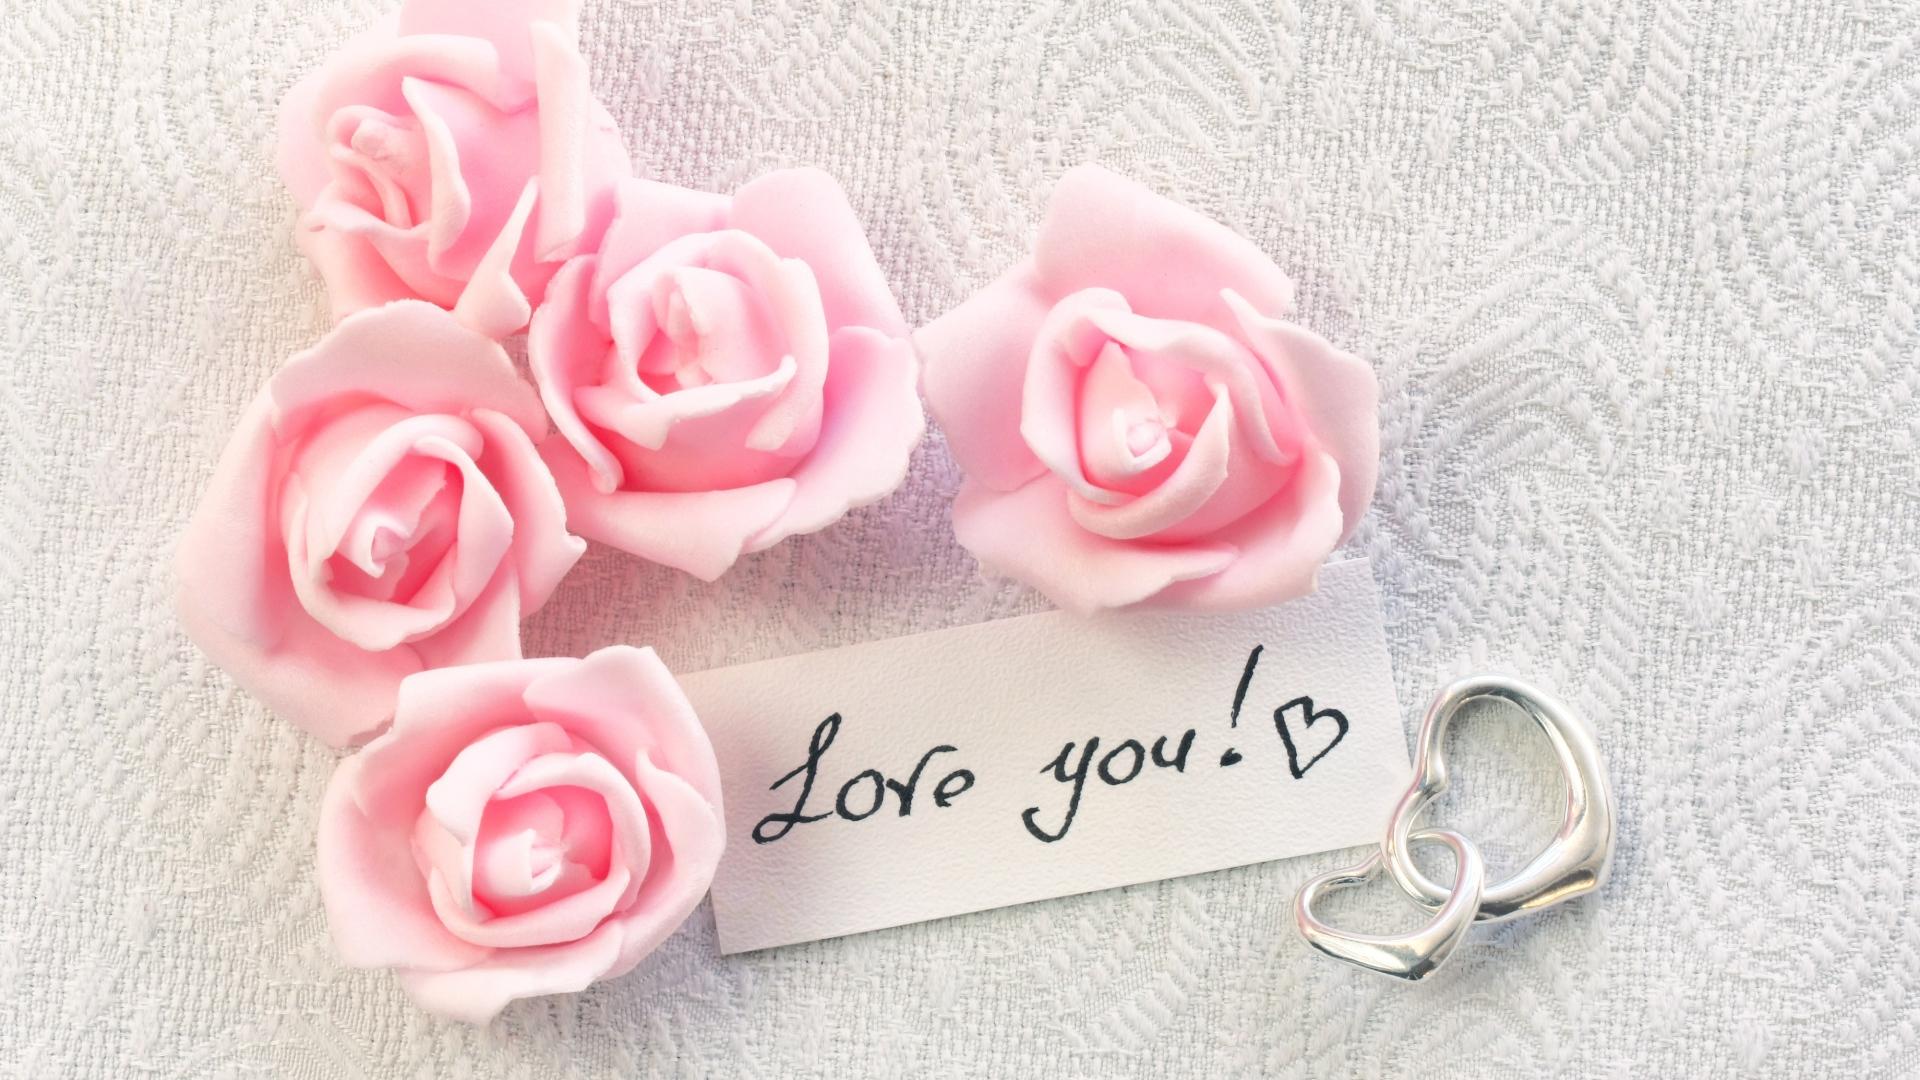 поселке мурмаши розовые розы с сердцем картинки ровный, находится северной